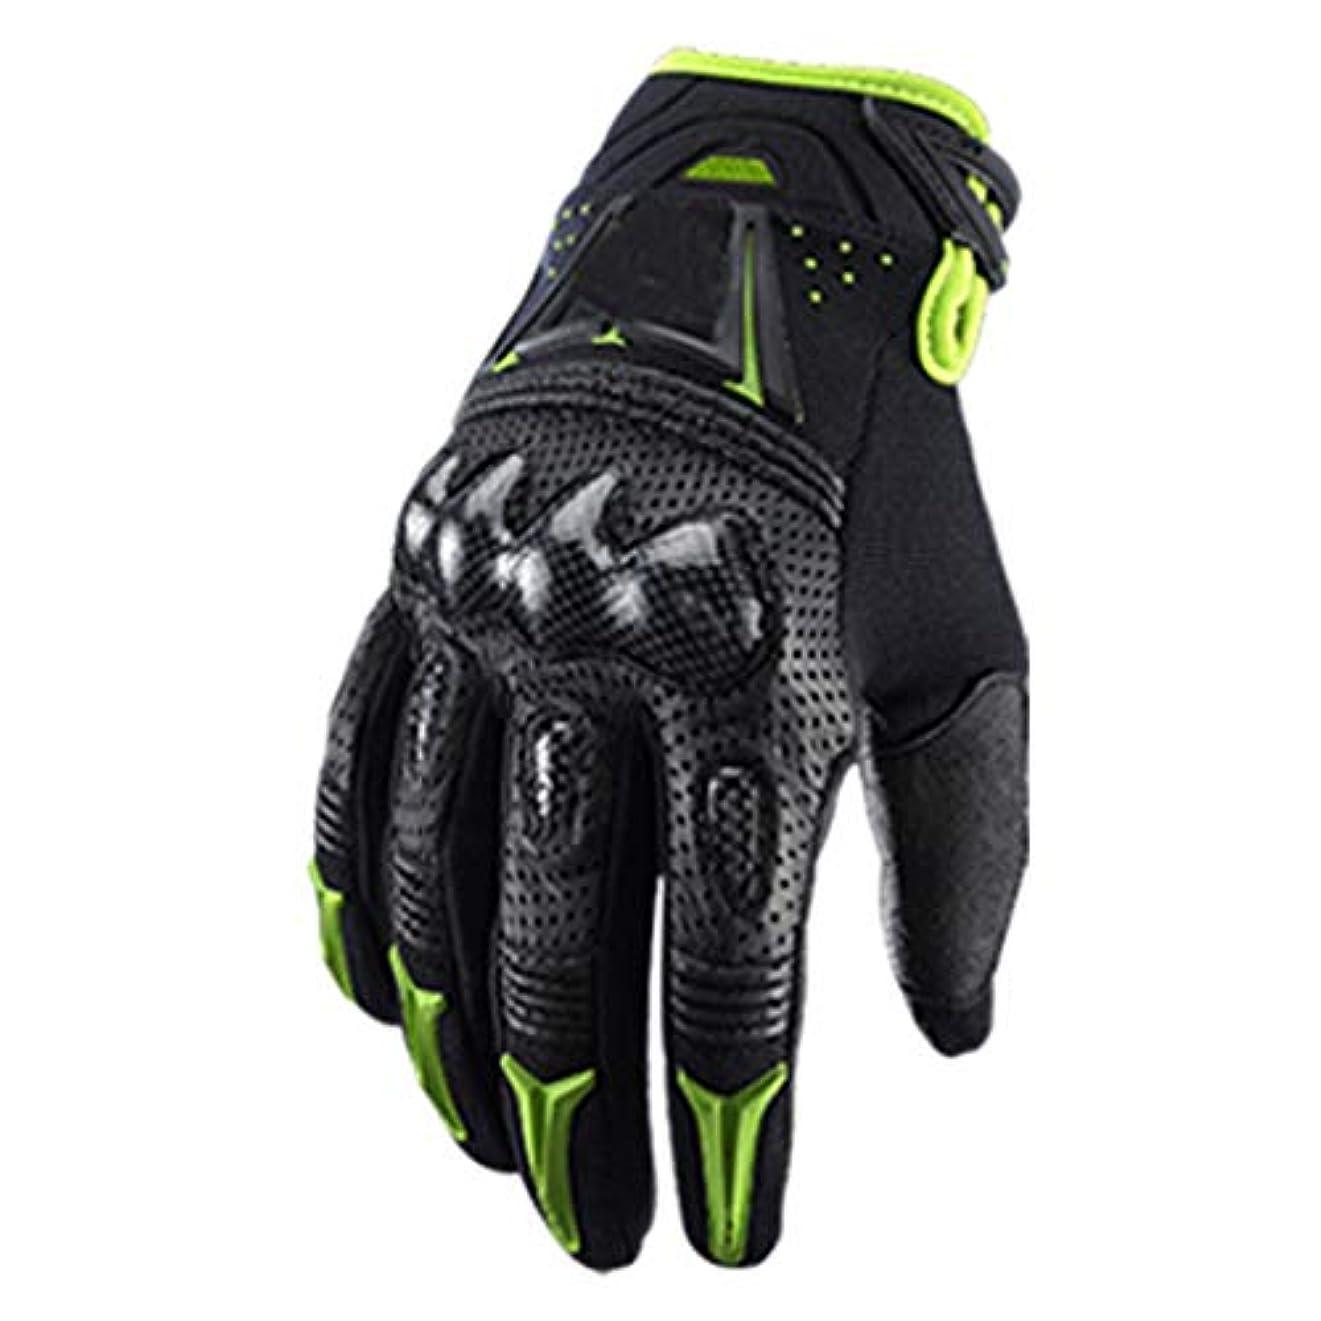 テクスチャー感嘆符ビートAnnis6 通気性の手袋指一杯のオートバイのタッチスクリーンの手袋の保護反落下屋外 (色 : オレンジ, サイズ : L)